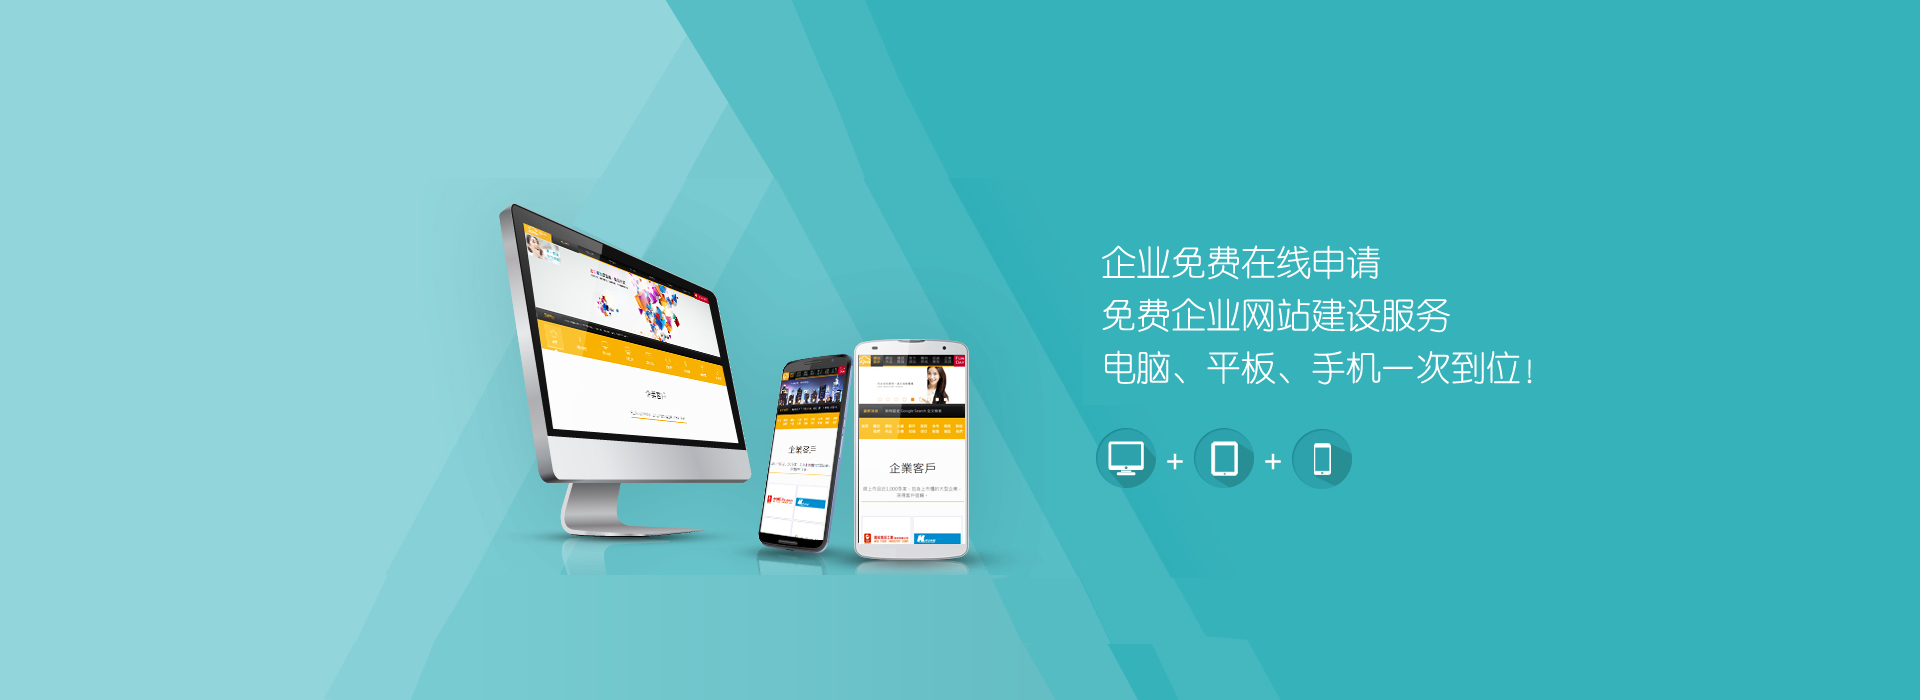 杭州品牌网站建设_品牌网站建设_品牌网站建设哪里有